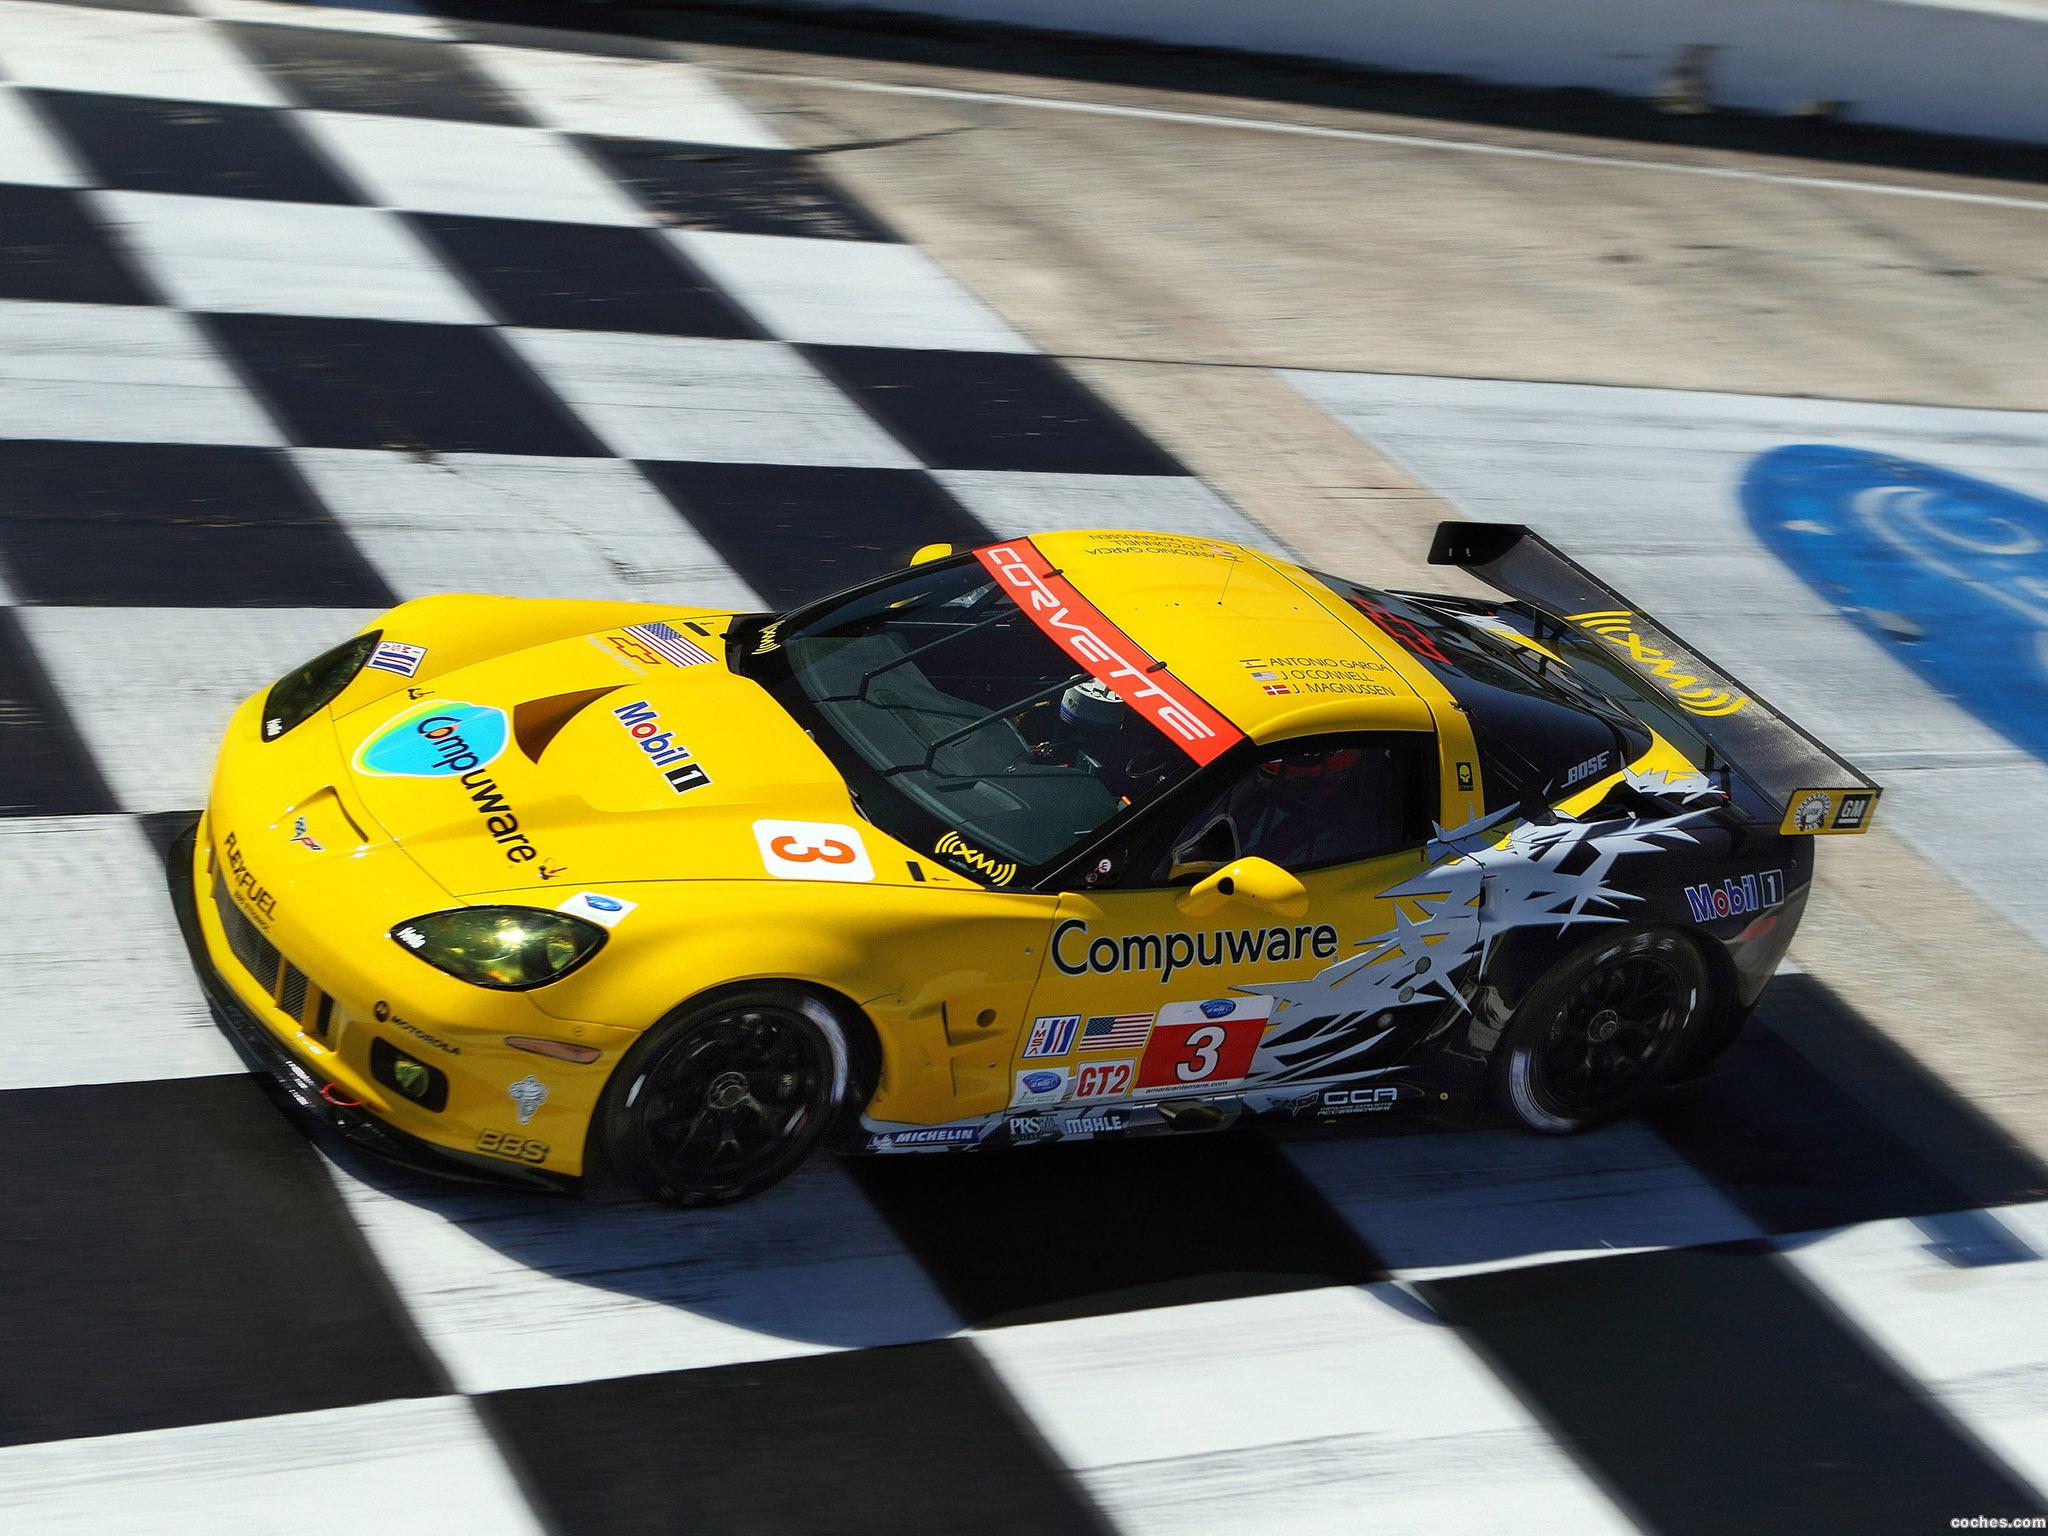 fotos corvette c6 - photo #39